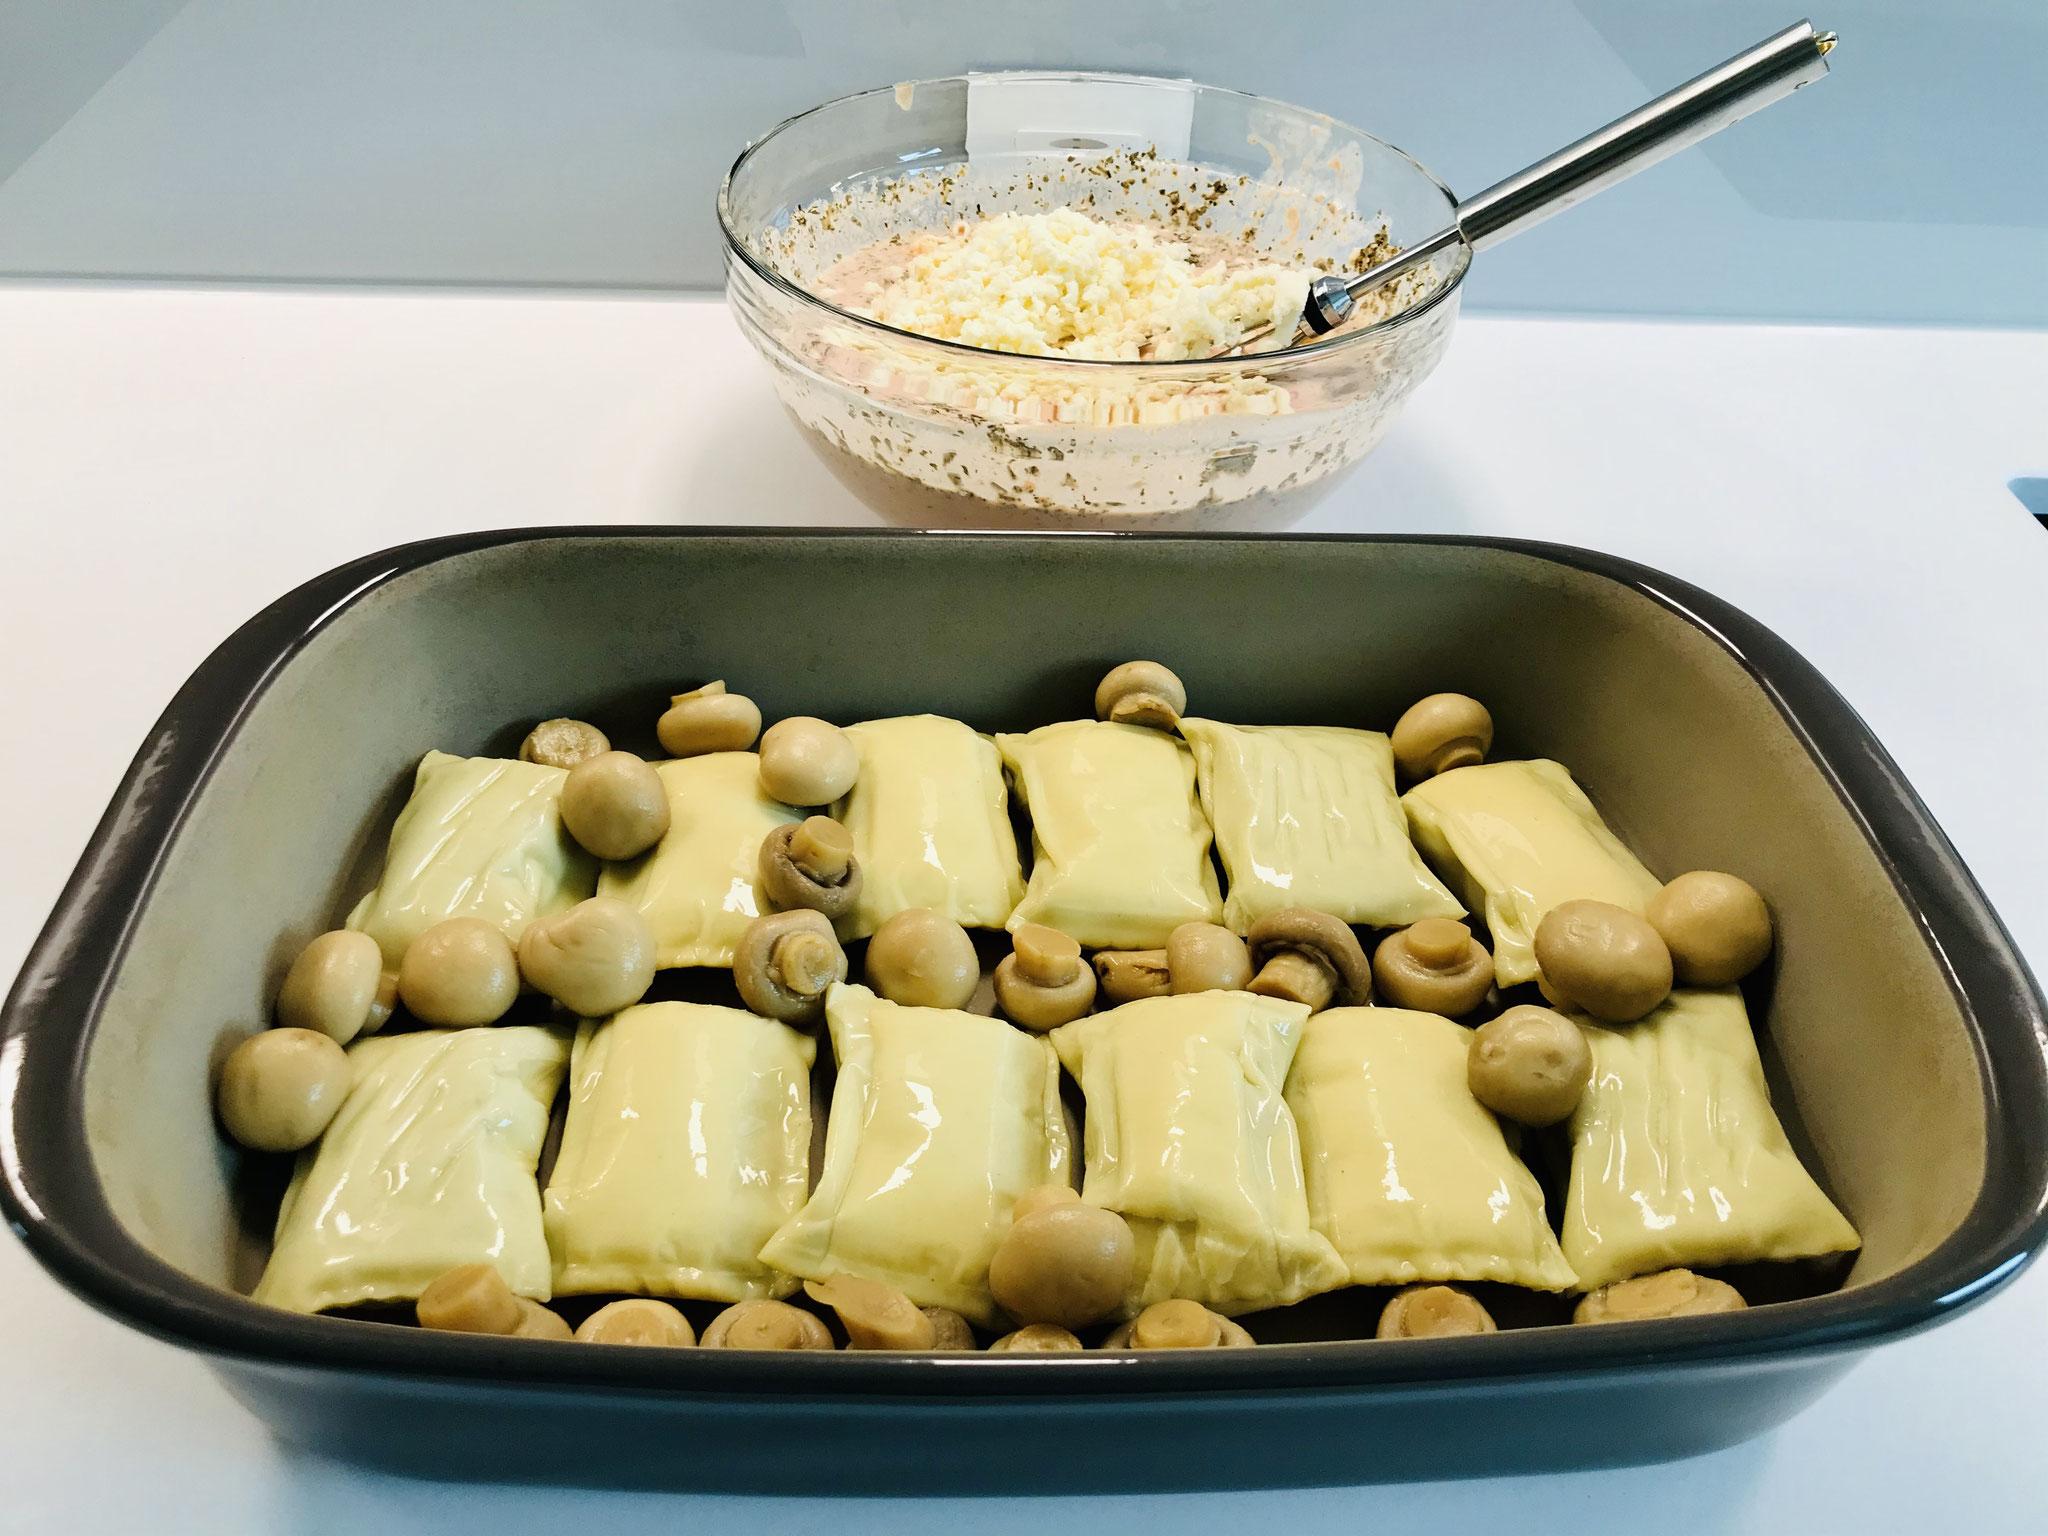 Lege die Maultaschen und die Pilze in das Grundset oder der rechteckigen Ofenhexe® von Pampered Chef...